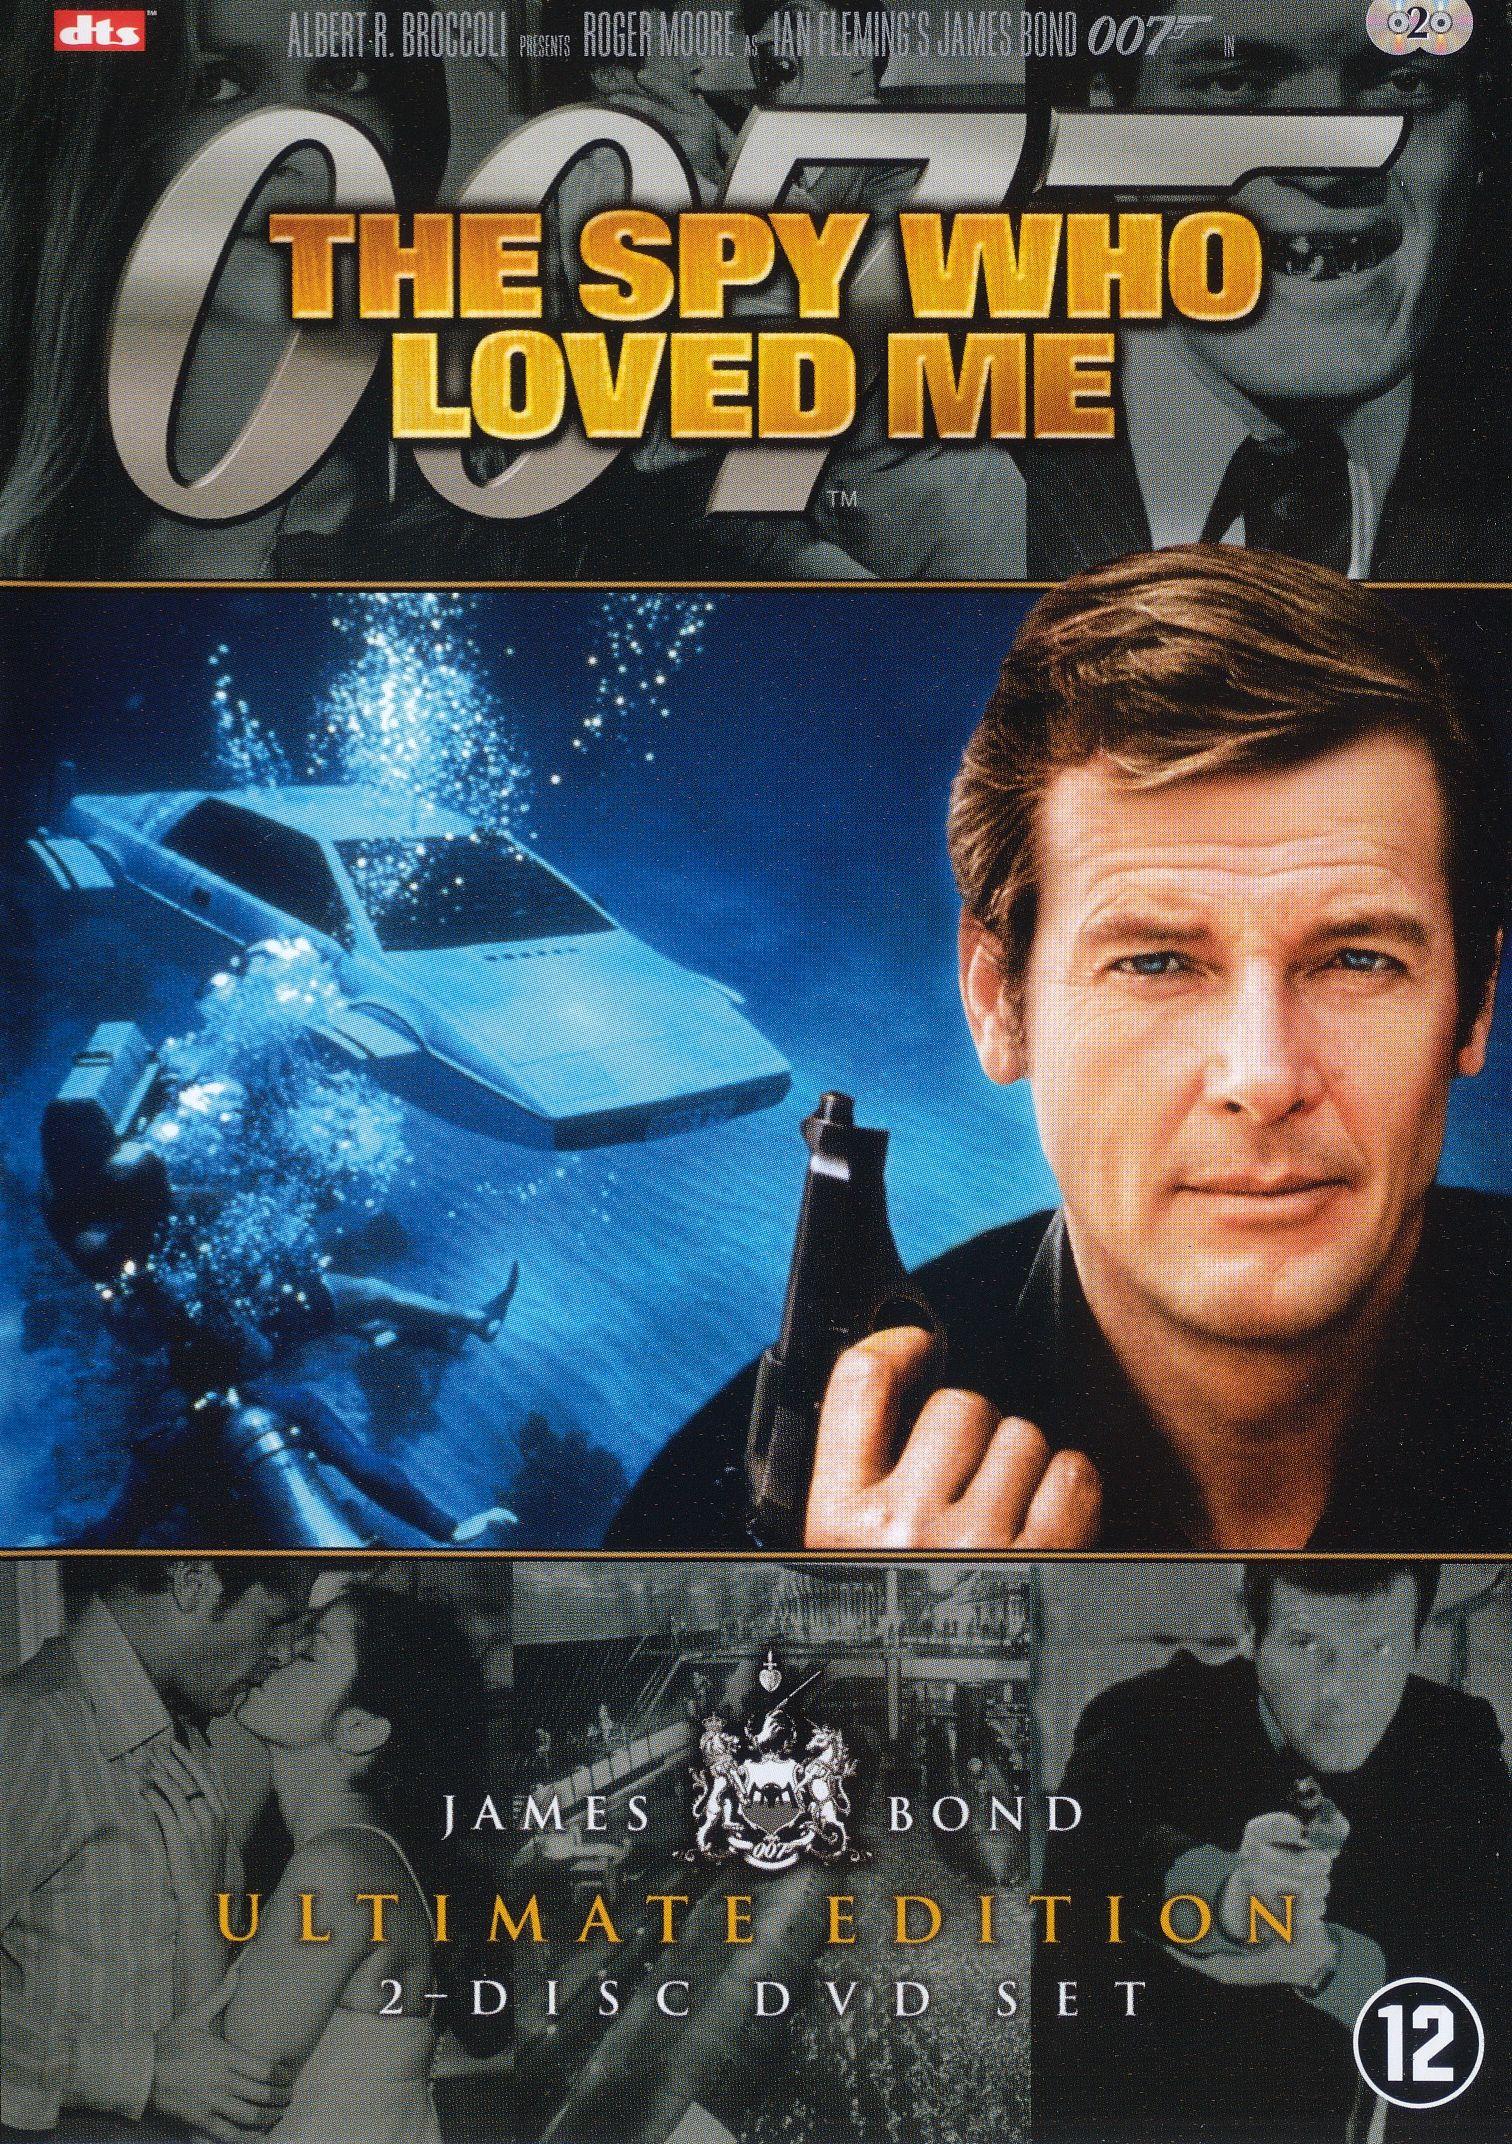 James Bond The Spy Who Loved Me James Bond Cartazes De Filmes